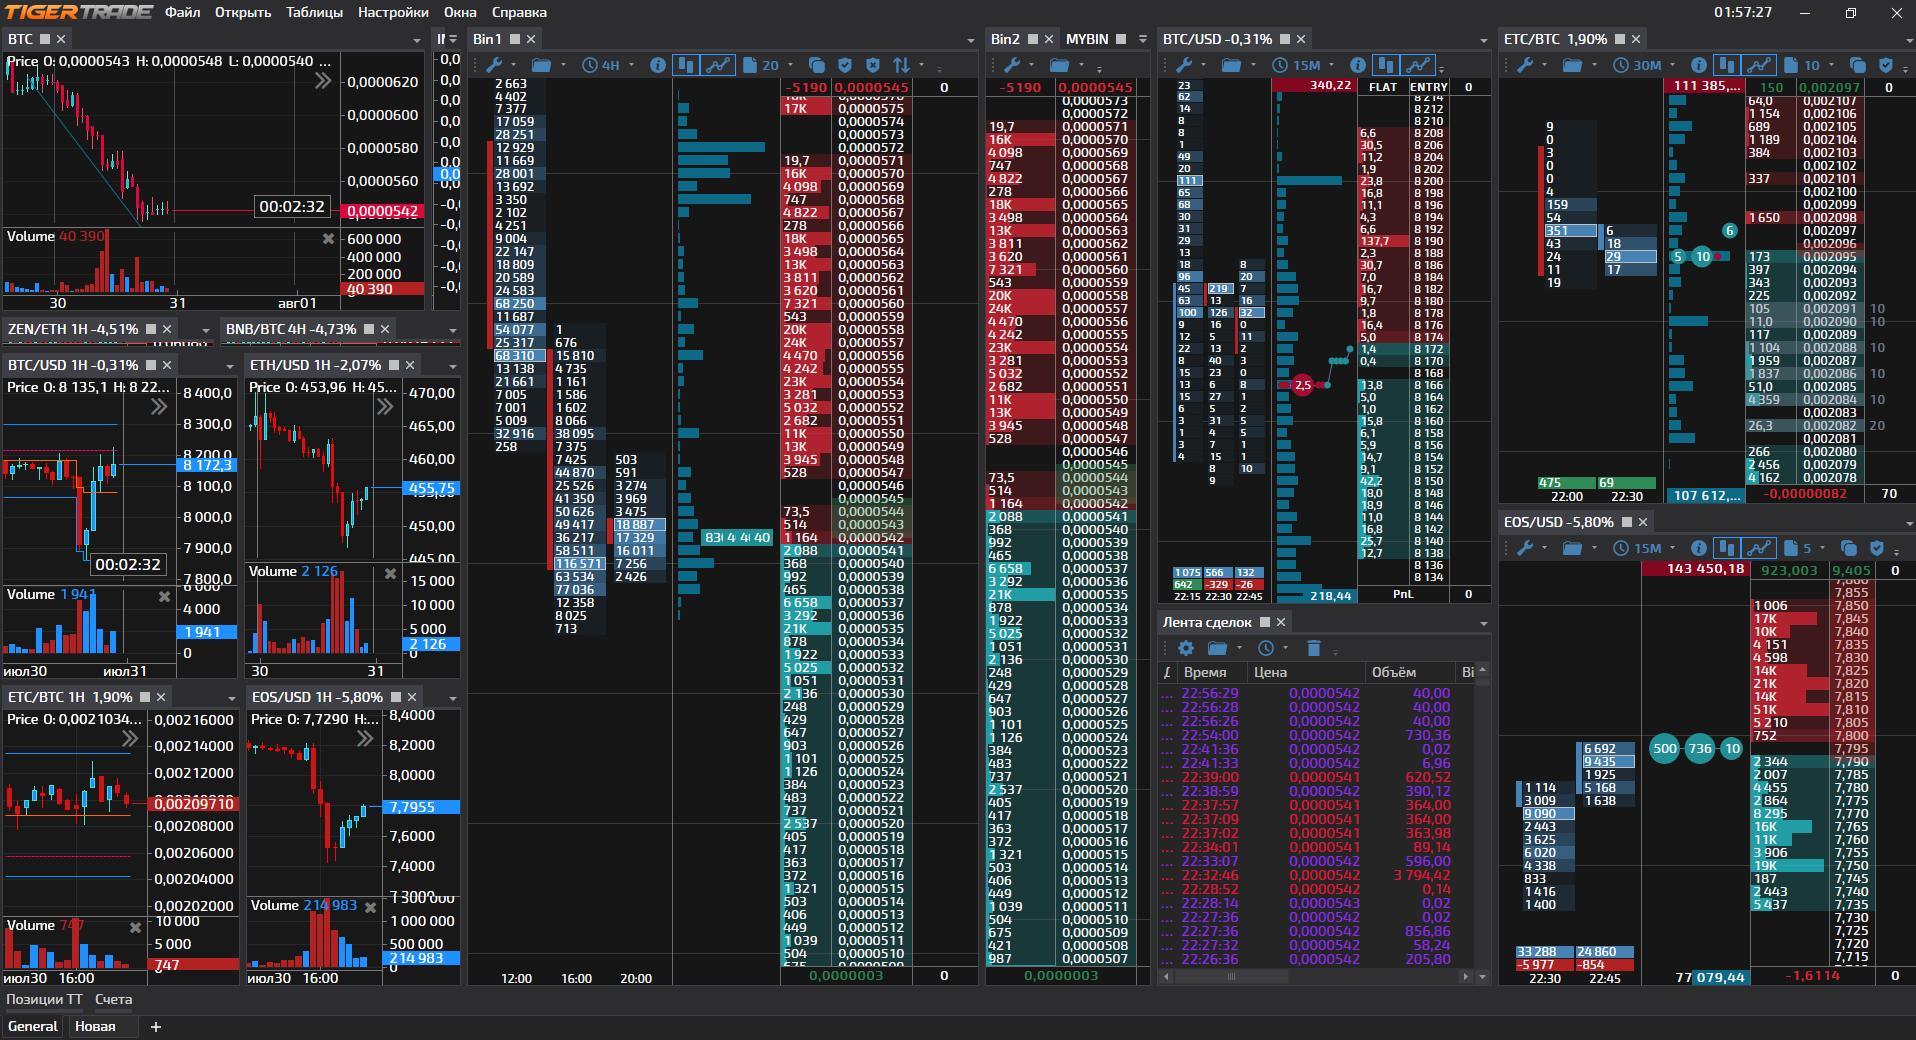 Платформа TigerTrade для торговли криптовалютами